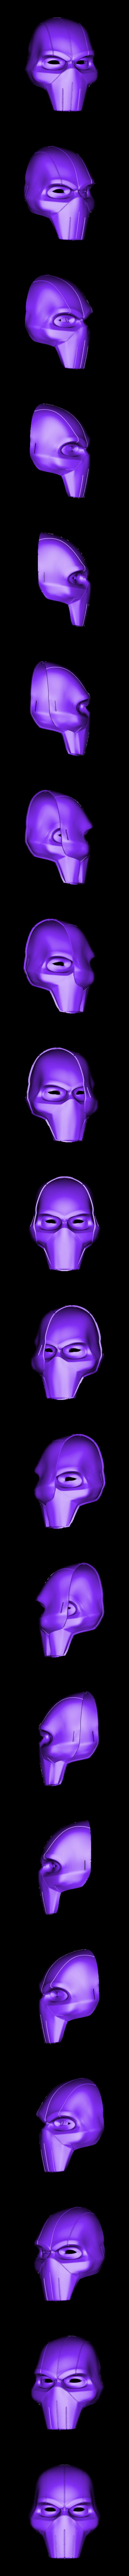 Taskmaster Udon Mask v4.stl Télécharger fichier STL gratuit Masque Udon Taskmaster • Modèle pour imprimante 3D, VillainousPropShop